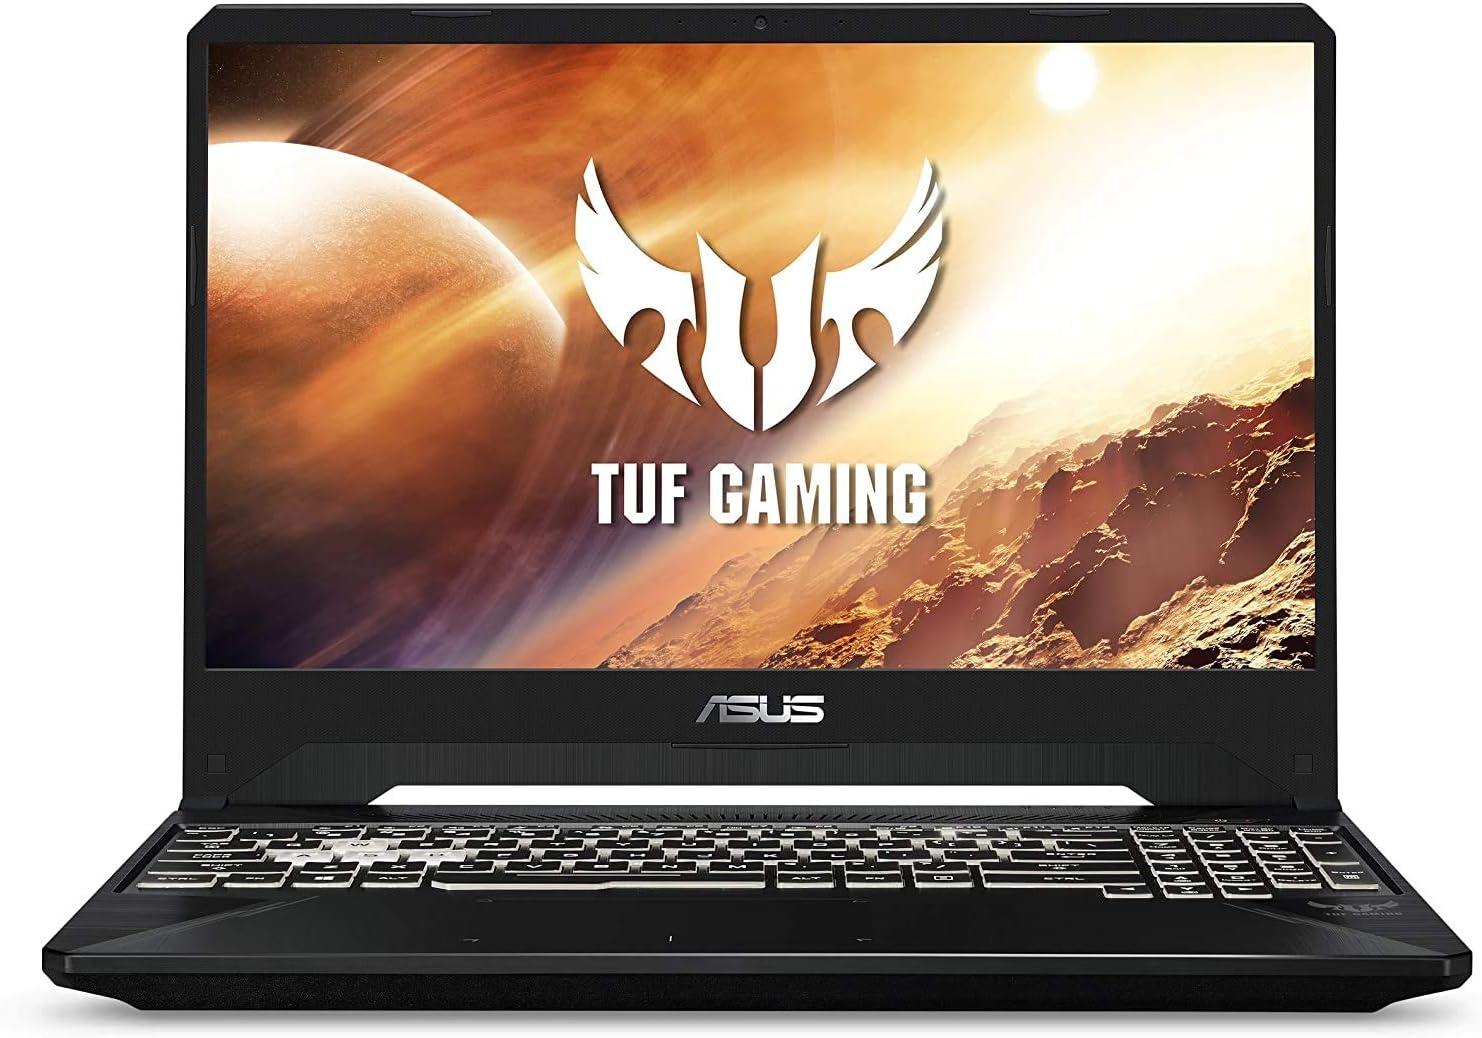 """ASUS TUF 15.6"""" FHD 144Hz IPS Gaming Laptop, AMD Ryzen 7 3750H Processor, NVIDIA GeForce RTX 2060, Webcam, Wi-Fi, Bluetooth, RGB Backlit Keyboard, Windows 10, CUE Accessories (16GB DDR4, 1TB SSD)"""